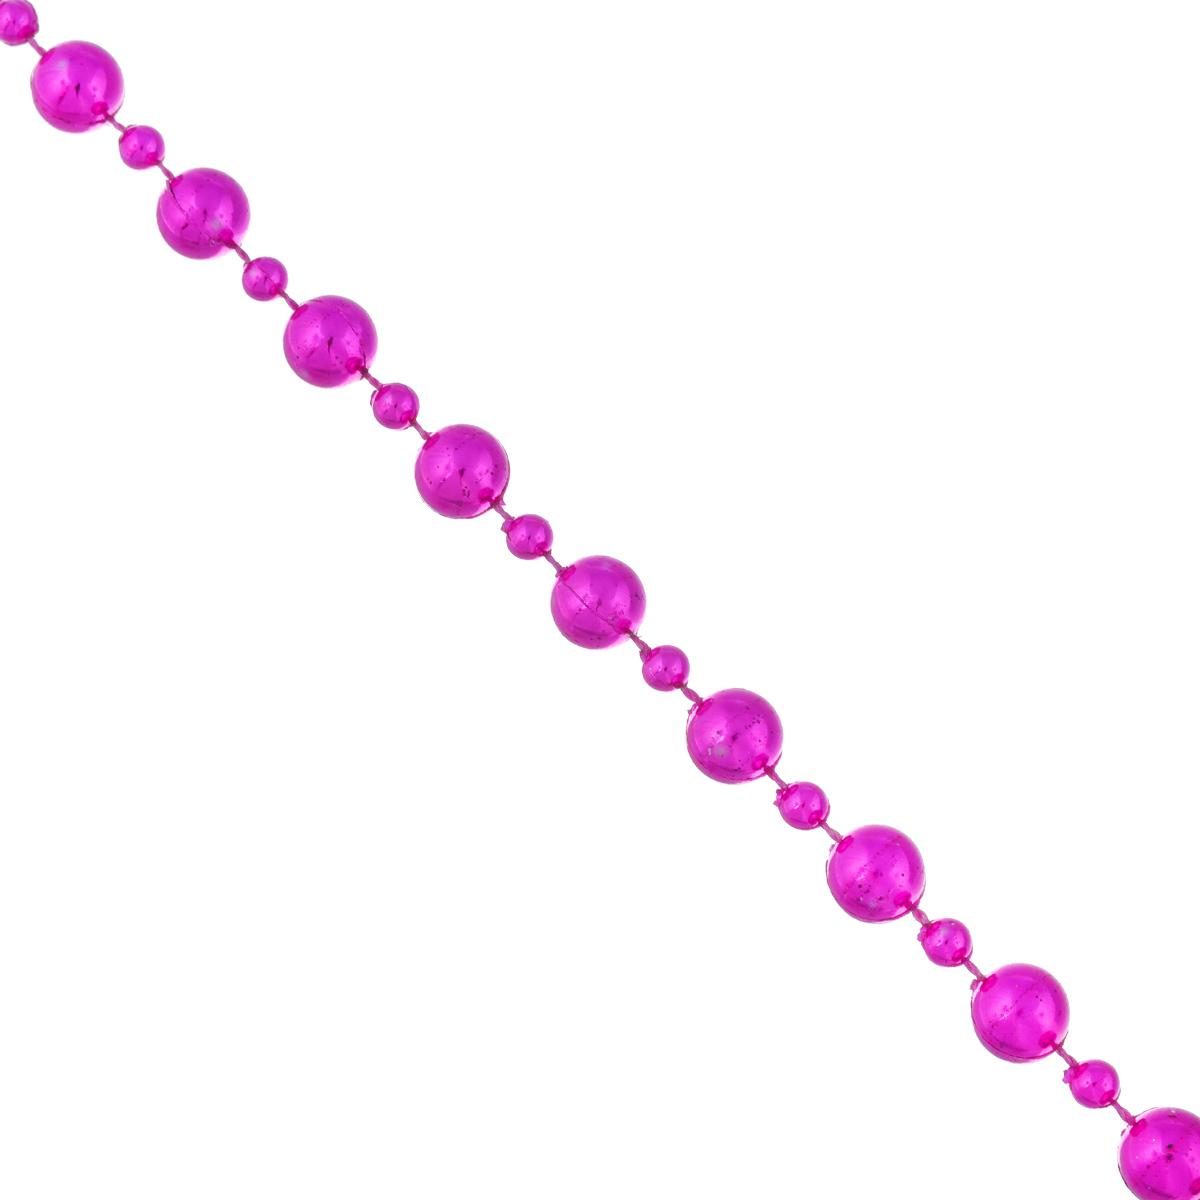 Новогодняя гирлянда Lunten Ranta Сказка, цвет: фуксия, длина 2 м новогодняя гирлянда lunten ranta цвет серебристый длина 2 м 65515